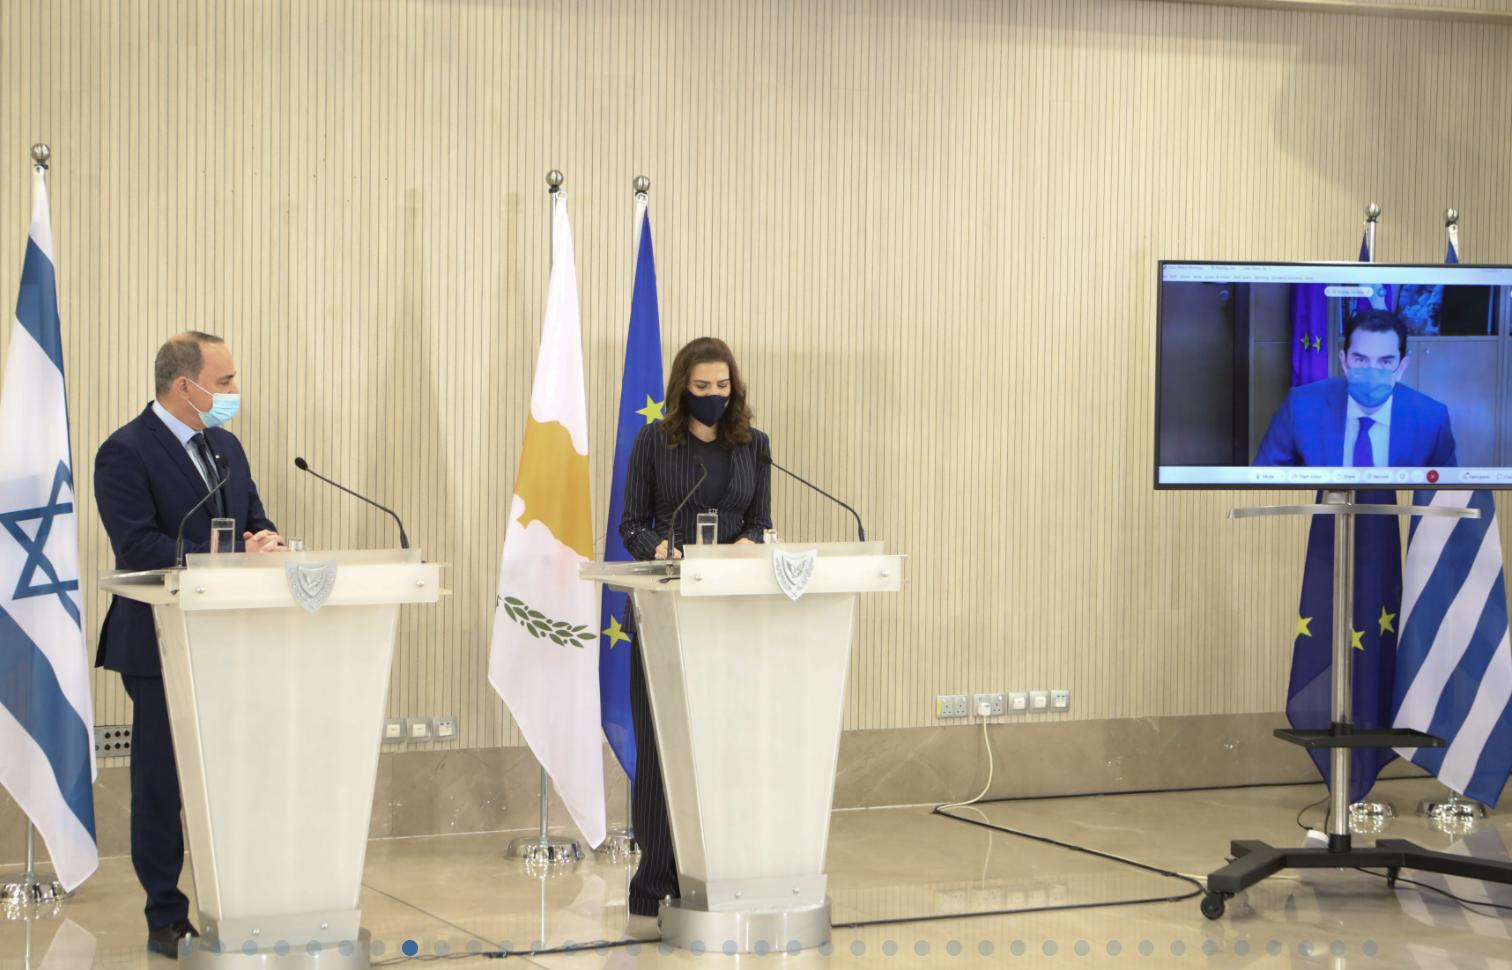 Kipar, Grčka i Izrael potpisali Memorandum o razumevanju o saradnji na projektu interkonektora EuroAsia